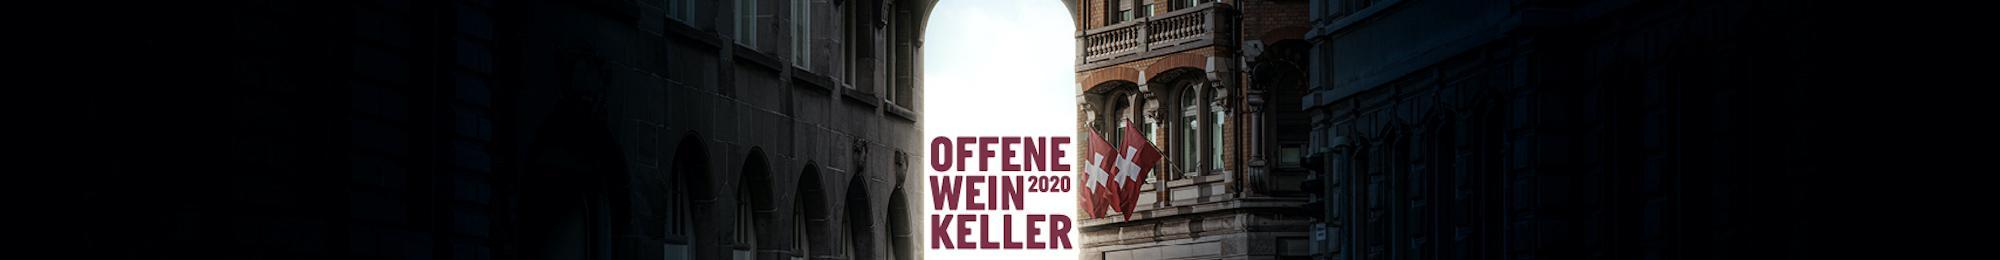 Deutschschweiz Offene Weinkeller 2020